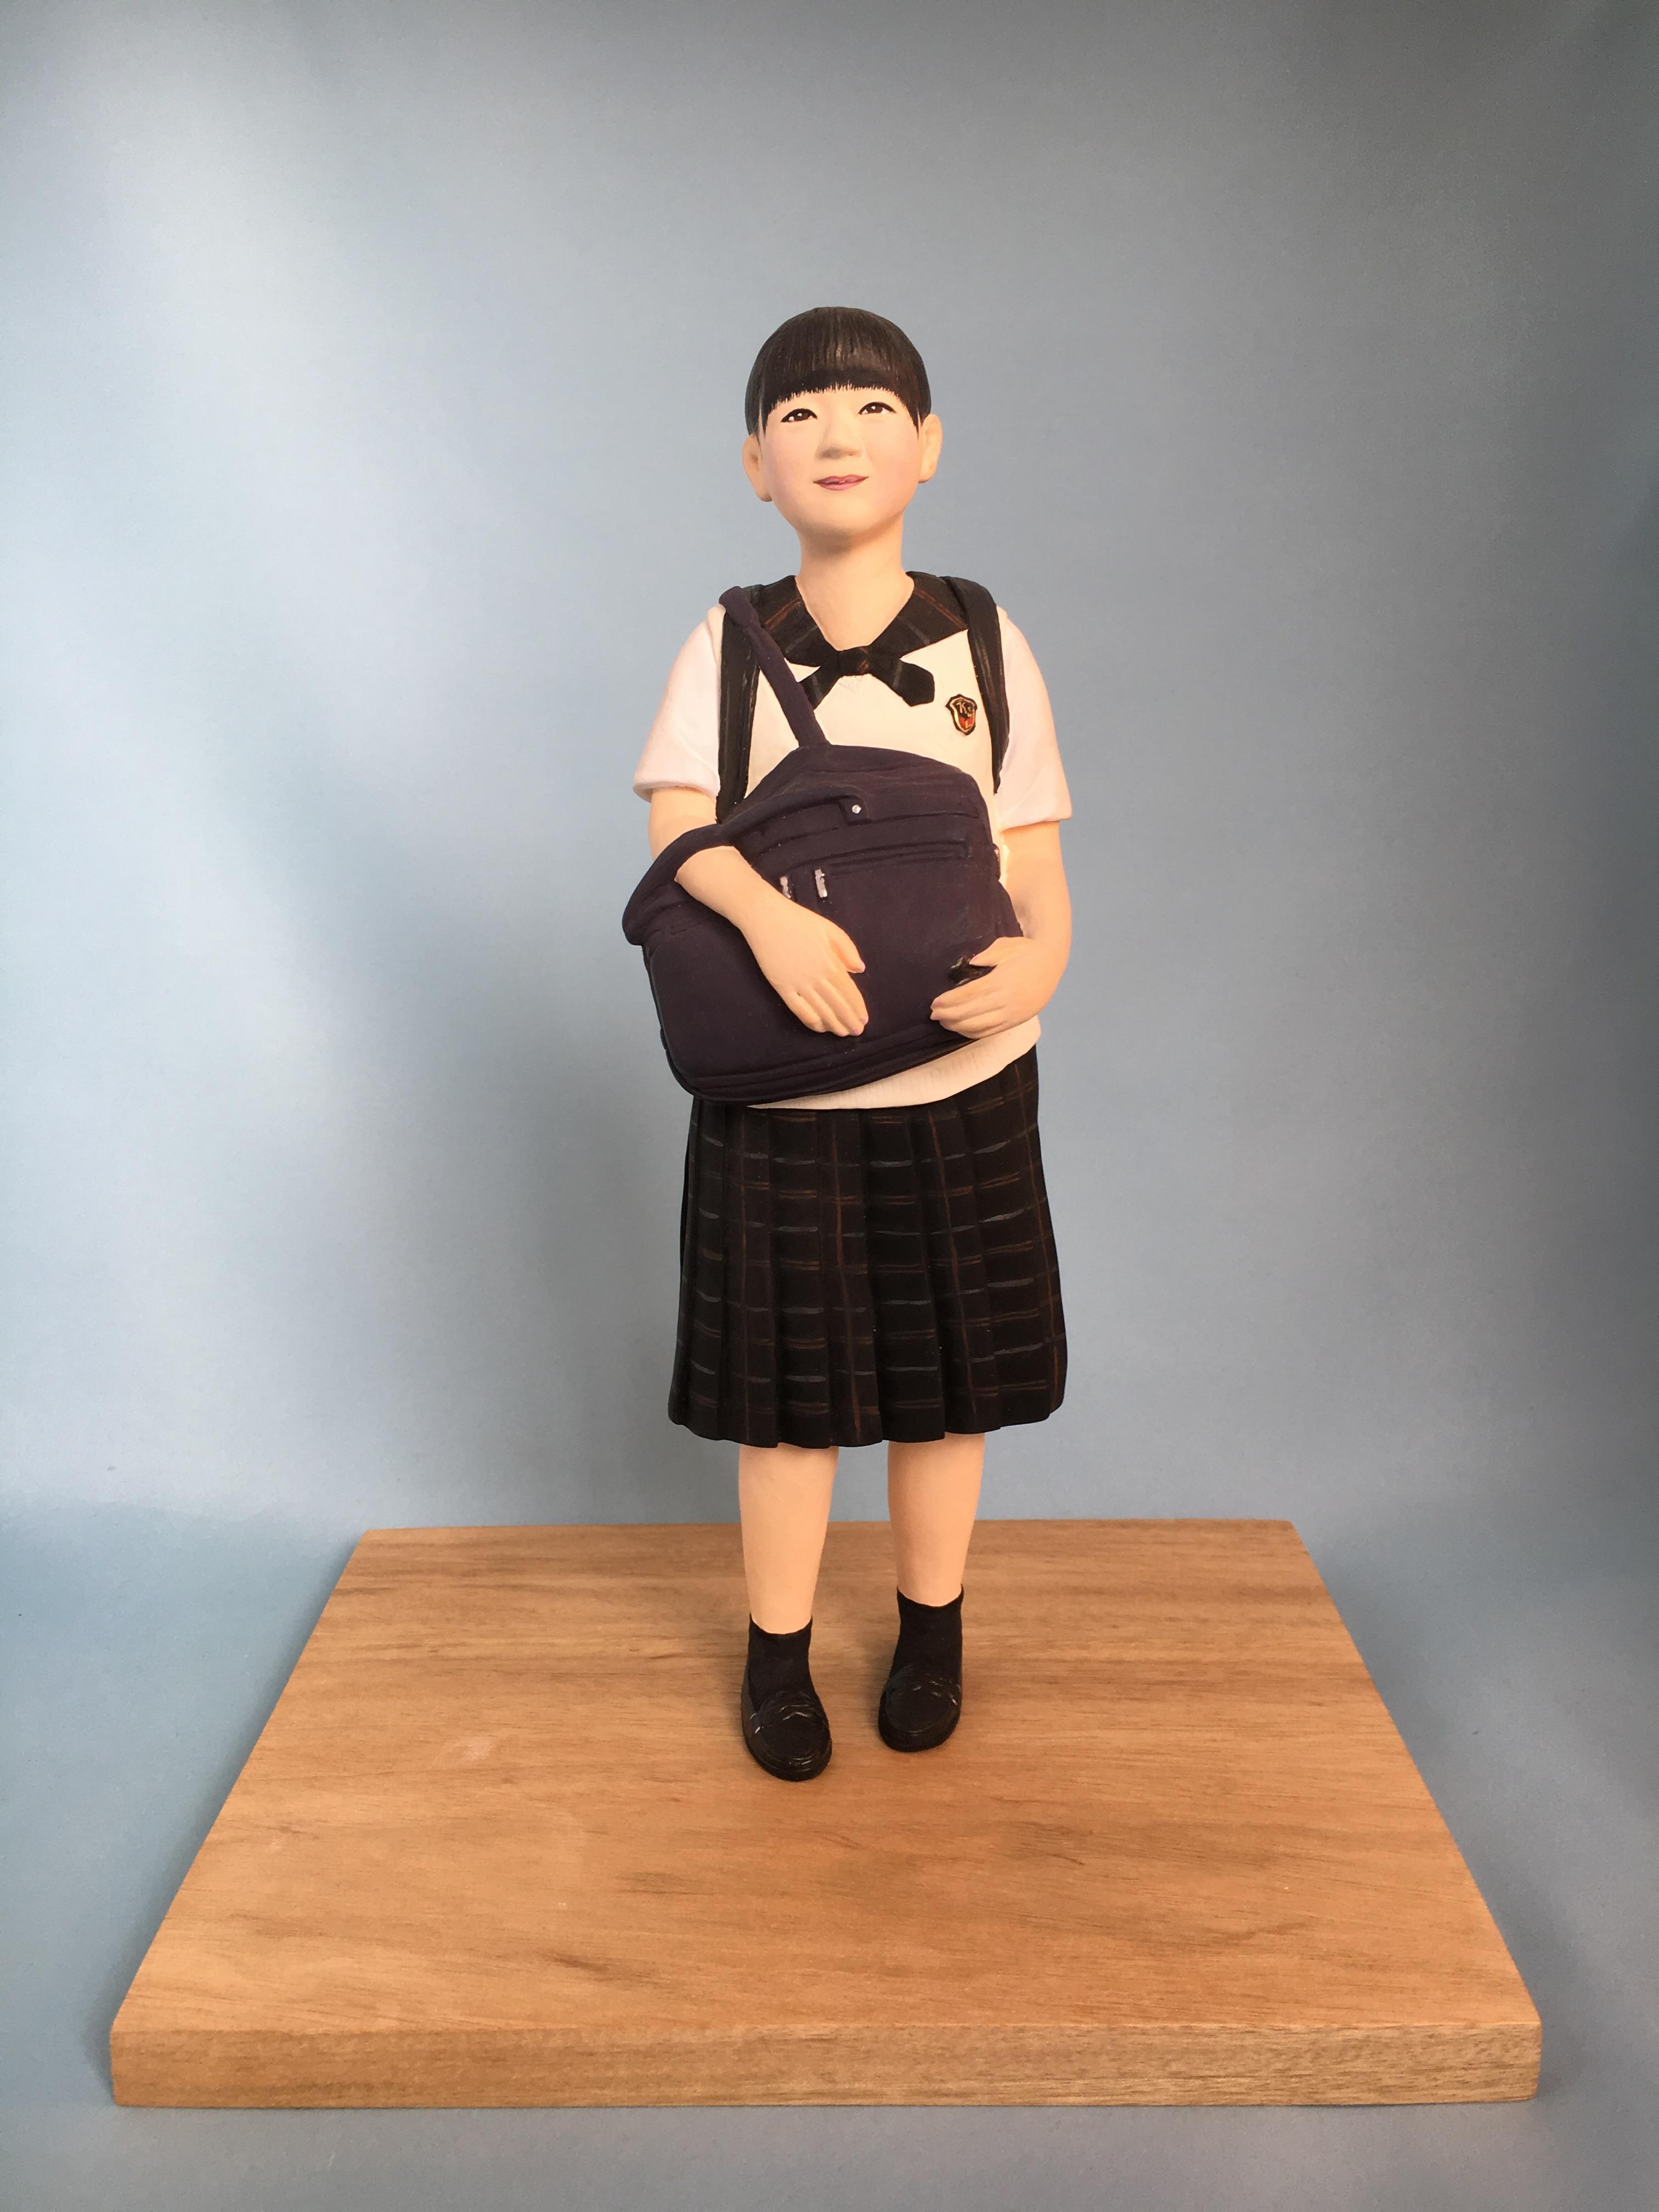 現在、難関国立大学現役合格を目標に設定している高校のクラスでは、この人形のように大きなバッグ、リュックサックが必要になるほど教材の量が多くなります。何かと変化の大きいこのご時世、これから先は学校の在り方や受験勉強の仕組みが大きく変わることもあるかも知れません。2020年前後の受験勉強に特化した高校生はこんなに沢山の教材を持って毎日登校していたという記録もかねて、その姿を作品にしてみました